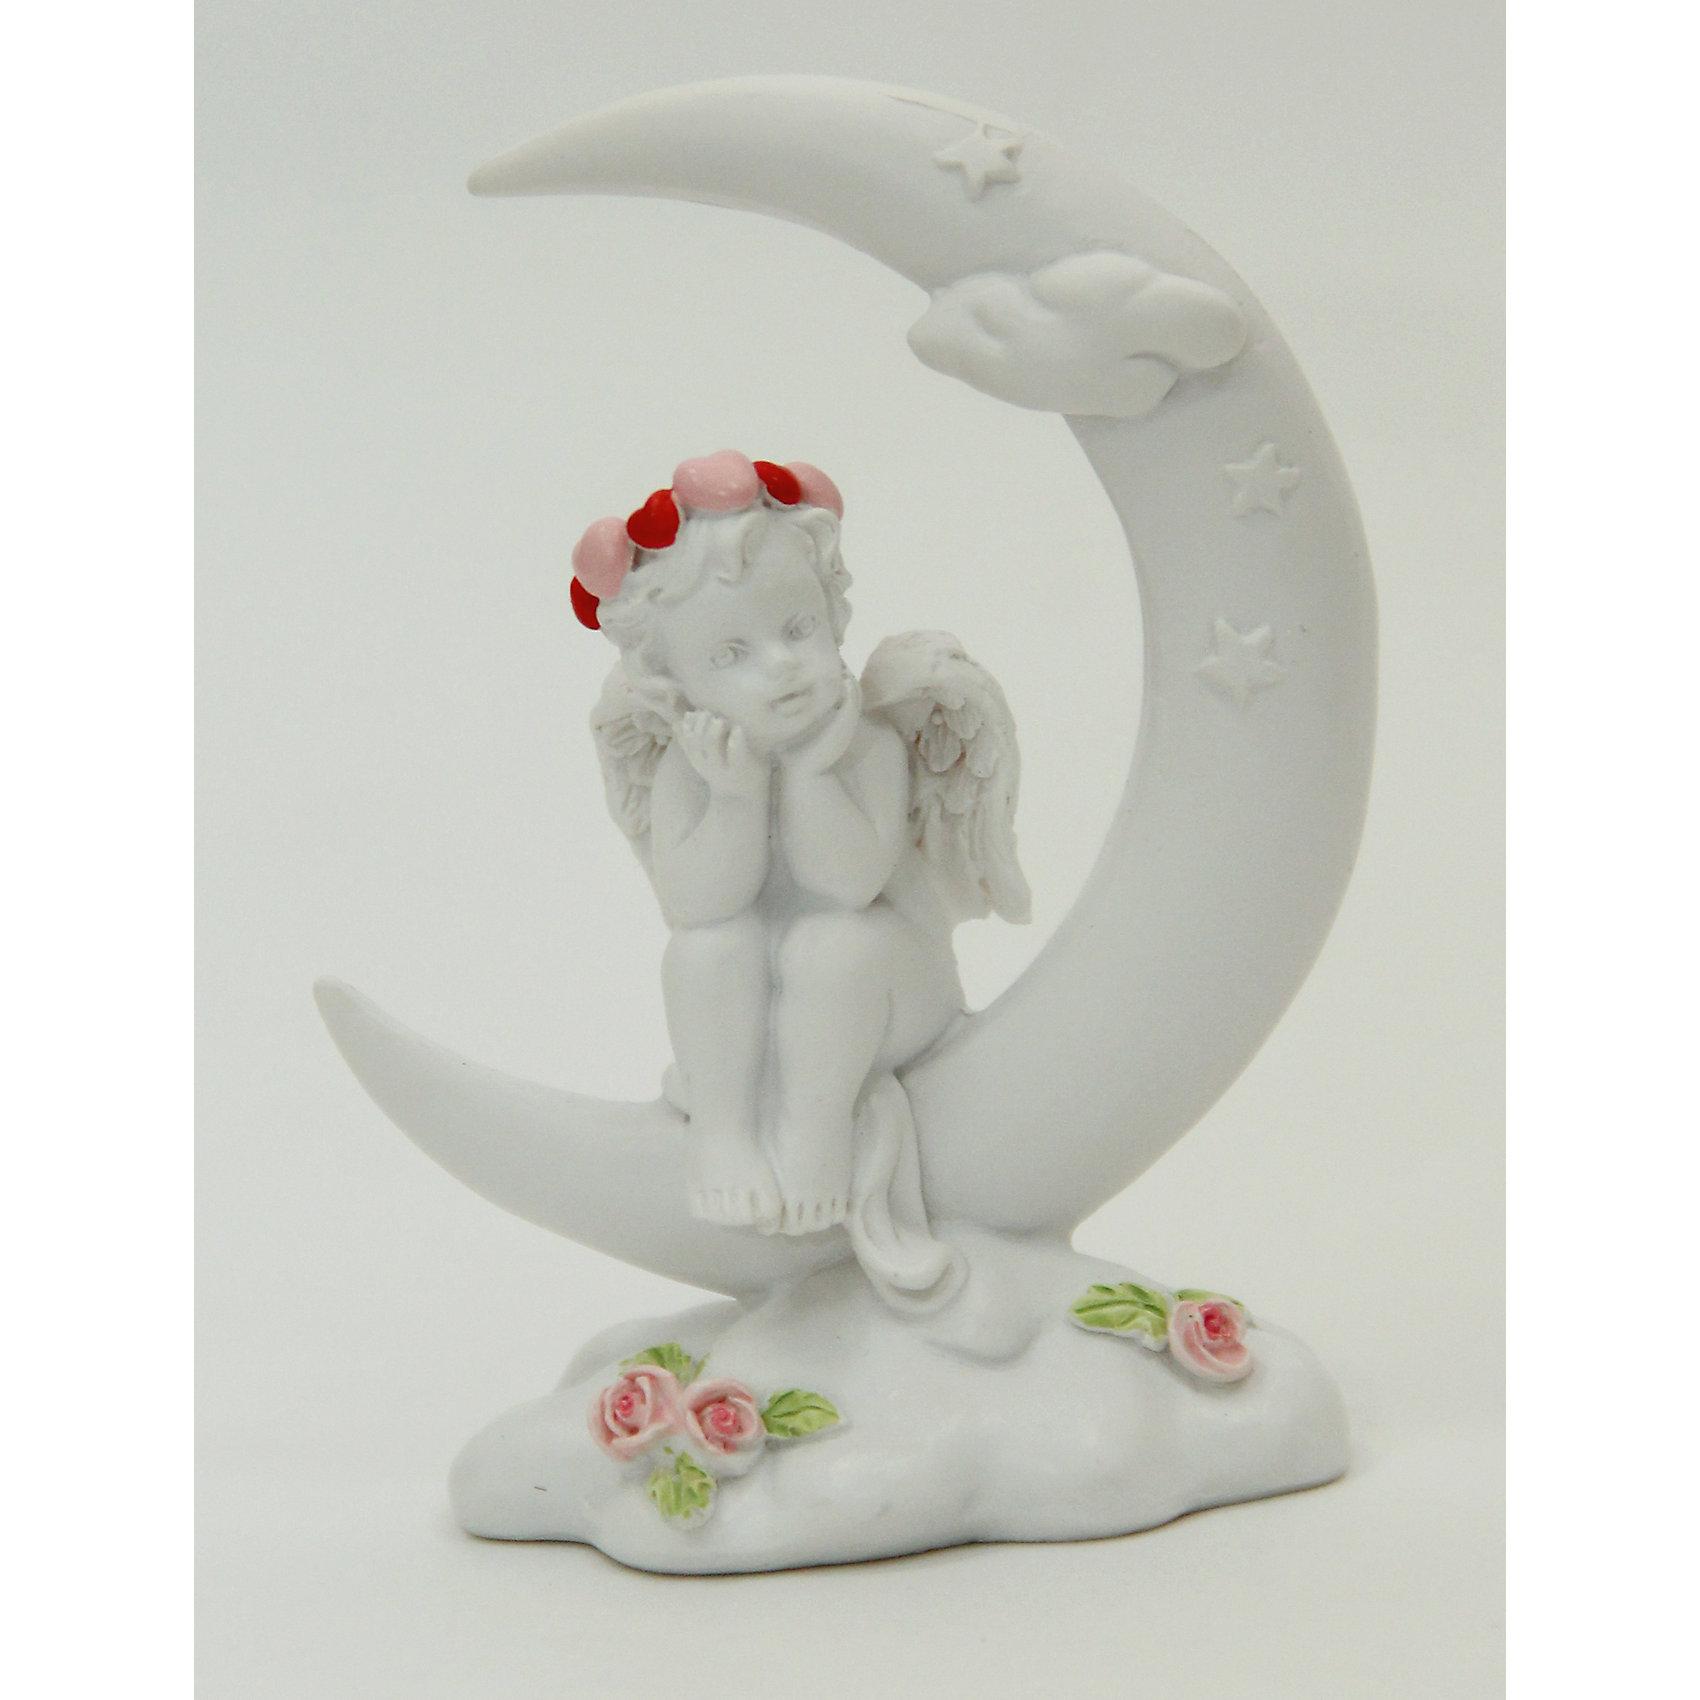 Фигурка Лунные мечты 6,2*3,5*8,3 смДекоративная фигурка в виде очаровательного задумчивого ангела, сидящего на месяце, станет отличным памятным сувениром на любой праздник. <br><br>Дополнительная информация:<br><br>- Материал: полирезина.<br>- Размер: 6,2х3,5х8,3 см. <br>- Цвет: белый. <br><br>Фигурку Лунные мечты 6,2х3,5х8,3 см можно купить в нашем магазине.<br><br>Ширина мм: 62<br>Глубина мм: 35<br>Высота мм: 83<br>Вес г: 66<br>Возраст от месяцев: 36<br>Возраст до месяцев: 2147483647<br>Пол: Женский<br>Возраст: Детский<br>SKU: 4560527